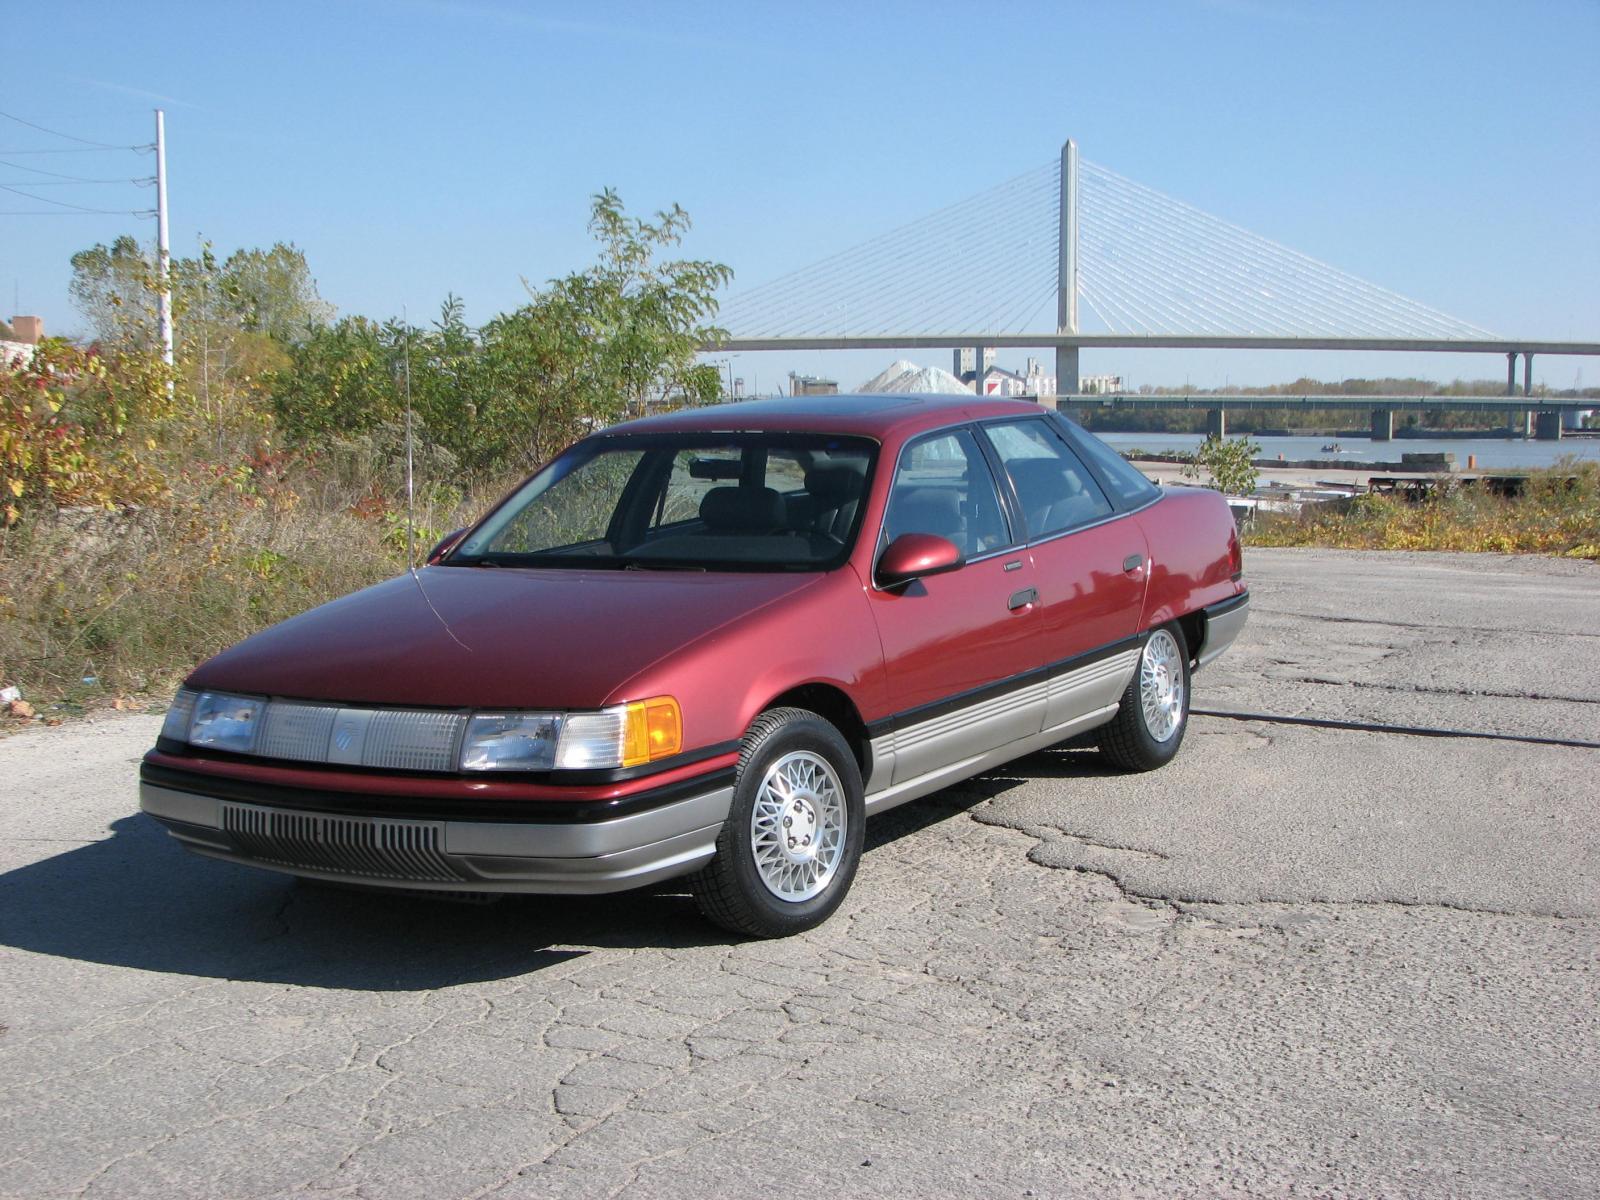 D Kpeters Ford Taurus Lx Restoration Blog